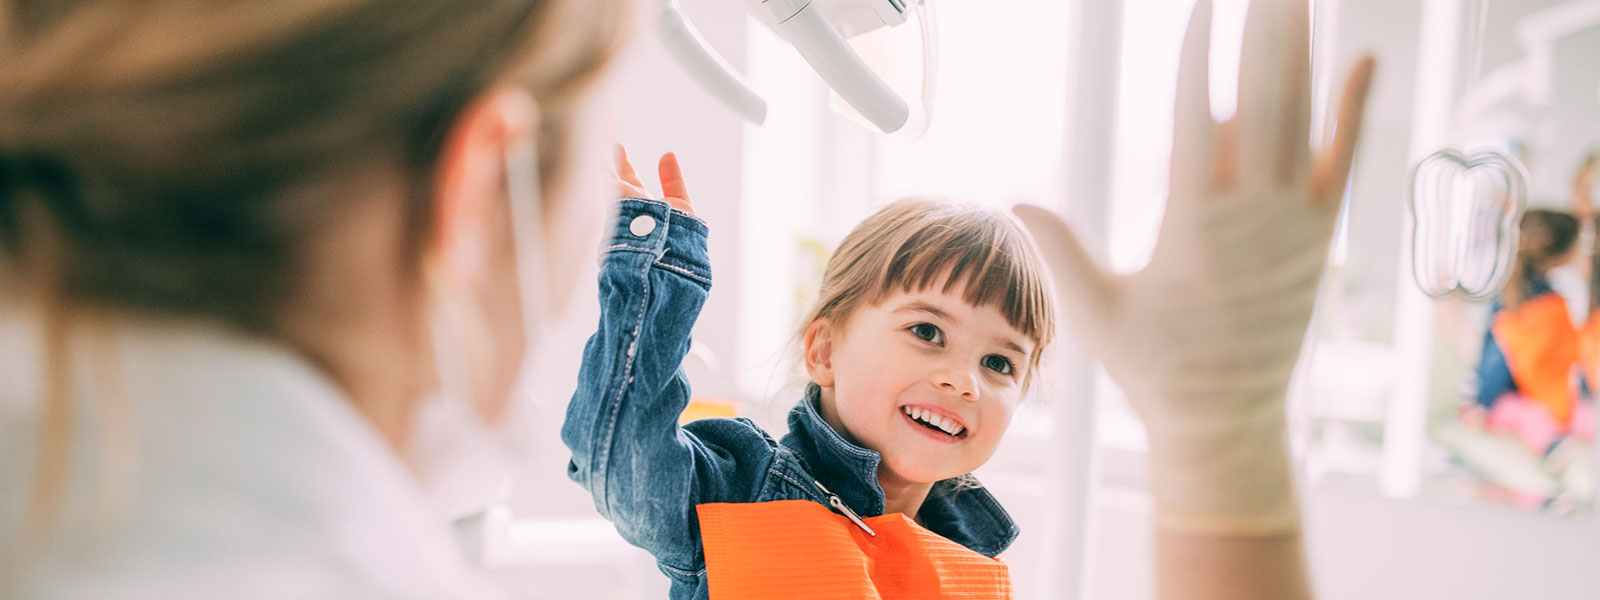 Kleines Mädchen freut sich über gesunde Kinderzähne in Magdeburg.